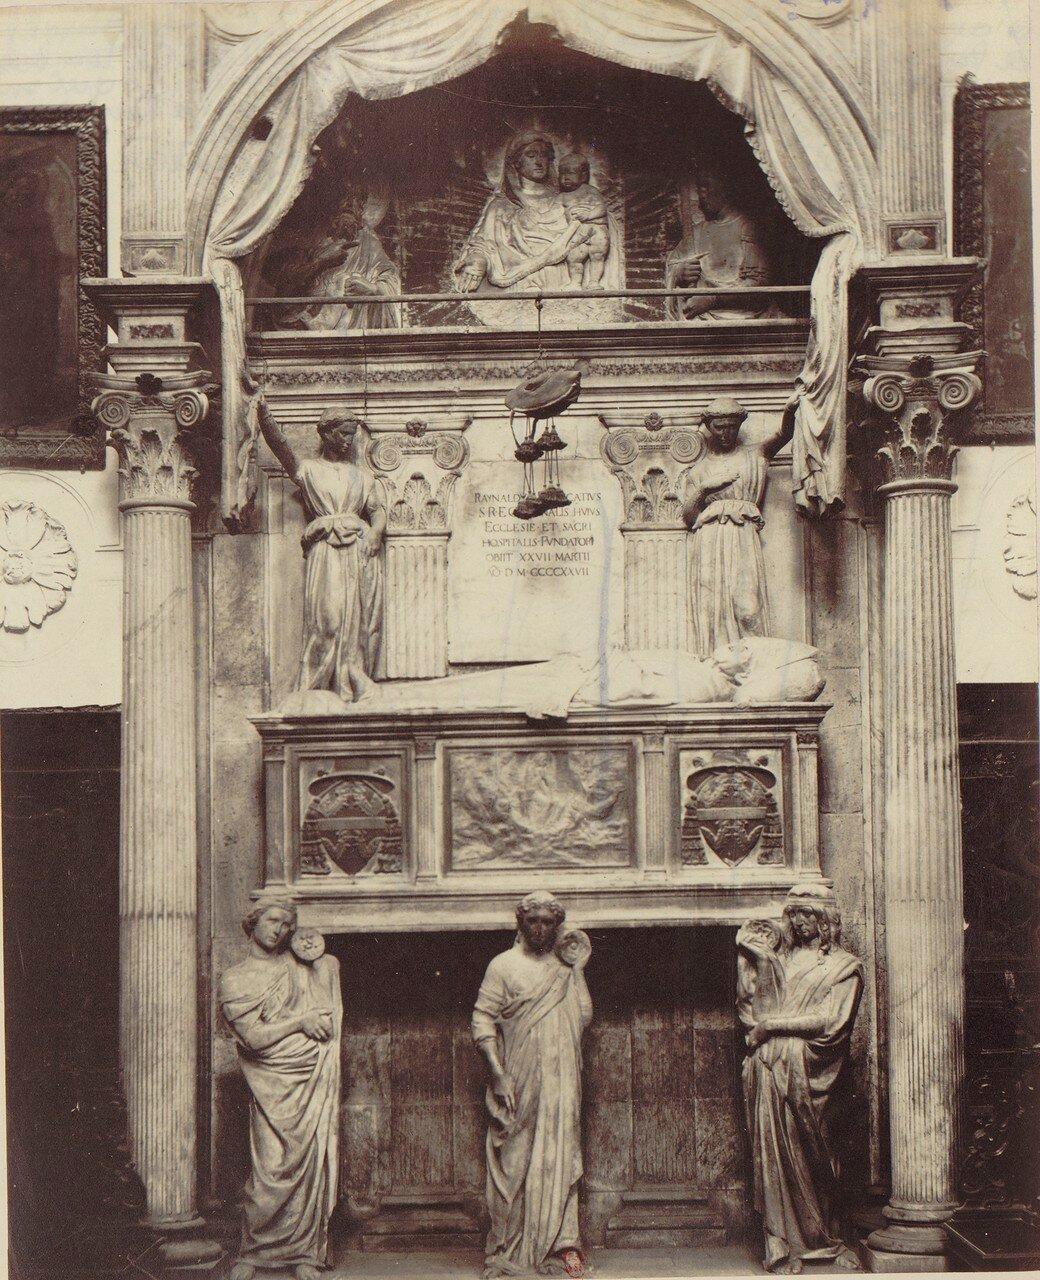 38. Церковь святого ангела у Нила. Гробница кардинала  Райнальдо Бранкаччо, сделанная из разноцветного мрамора и позолоченная. Она была выполнена в Пизе в период между 1426 и 1428 годами